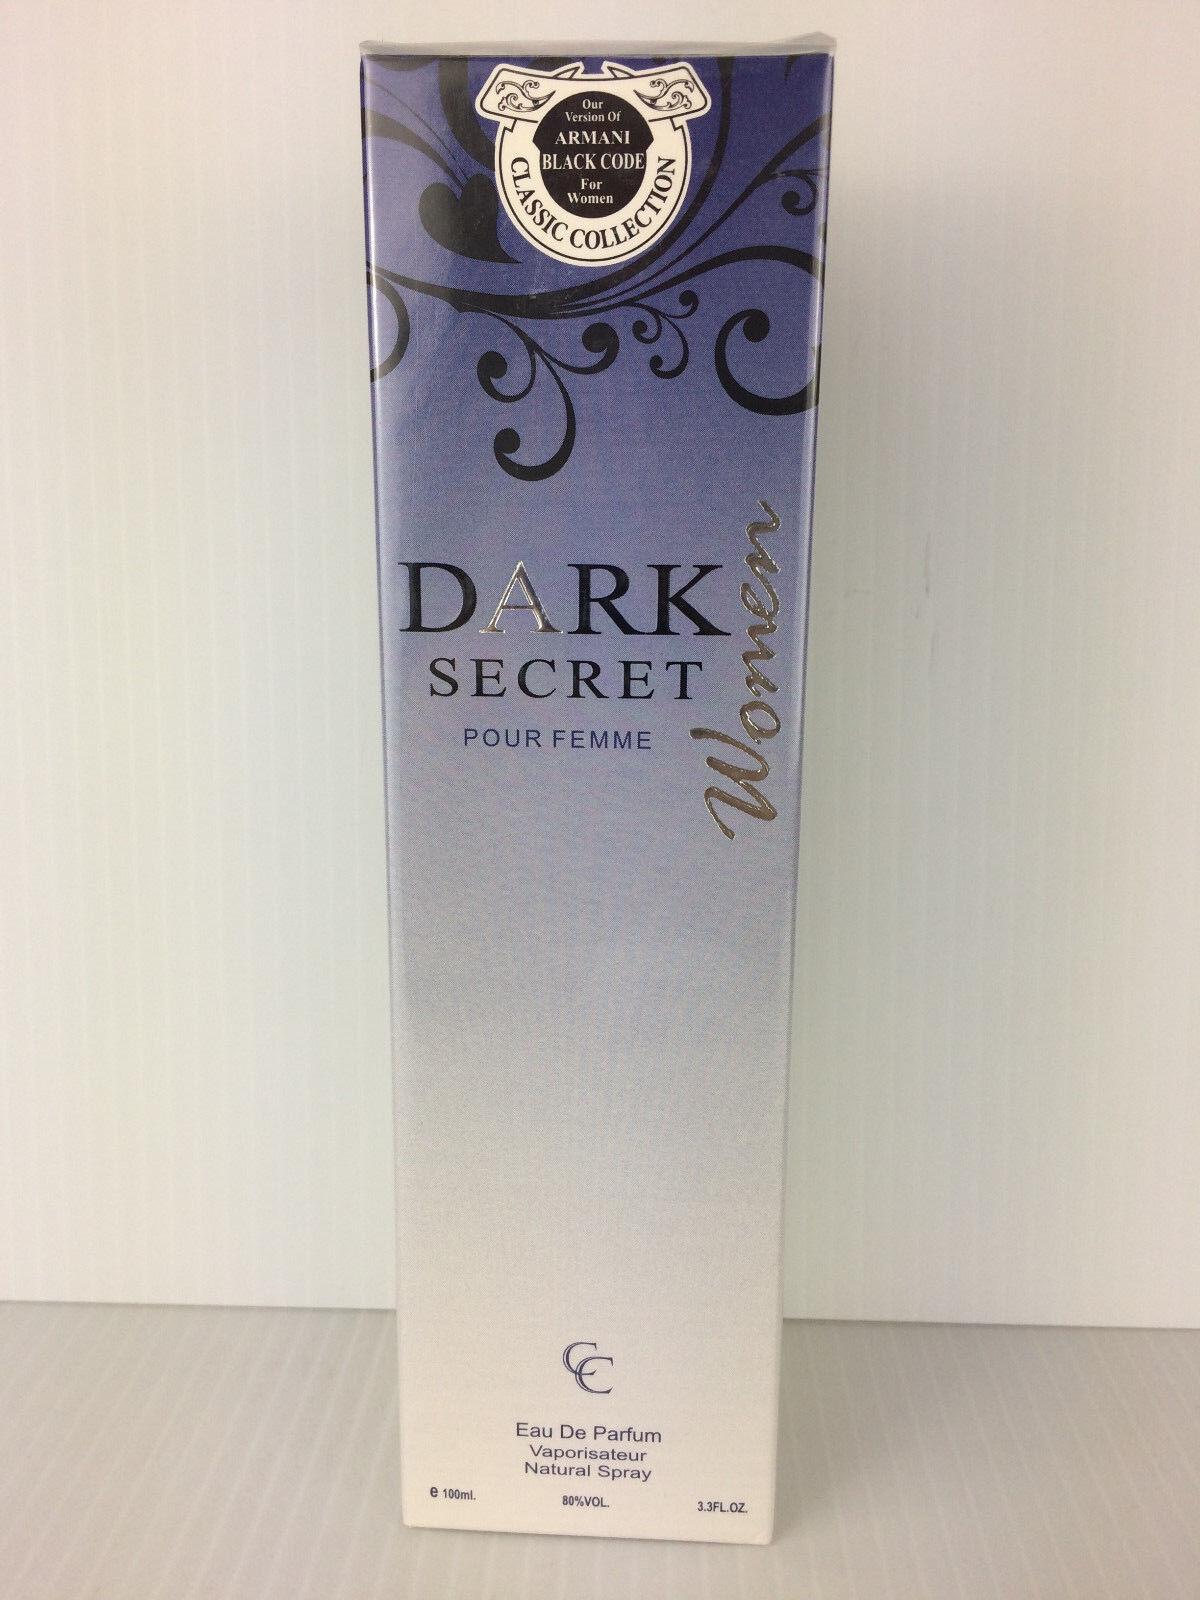 About Femme 3 Edp Spray Nib Code Pour 3 Version Armani Dark Secret Of Black Our Details Oz LVpUqzMGS